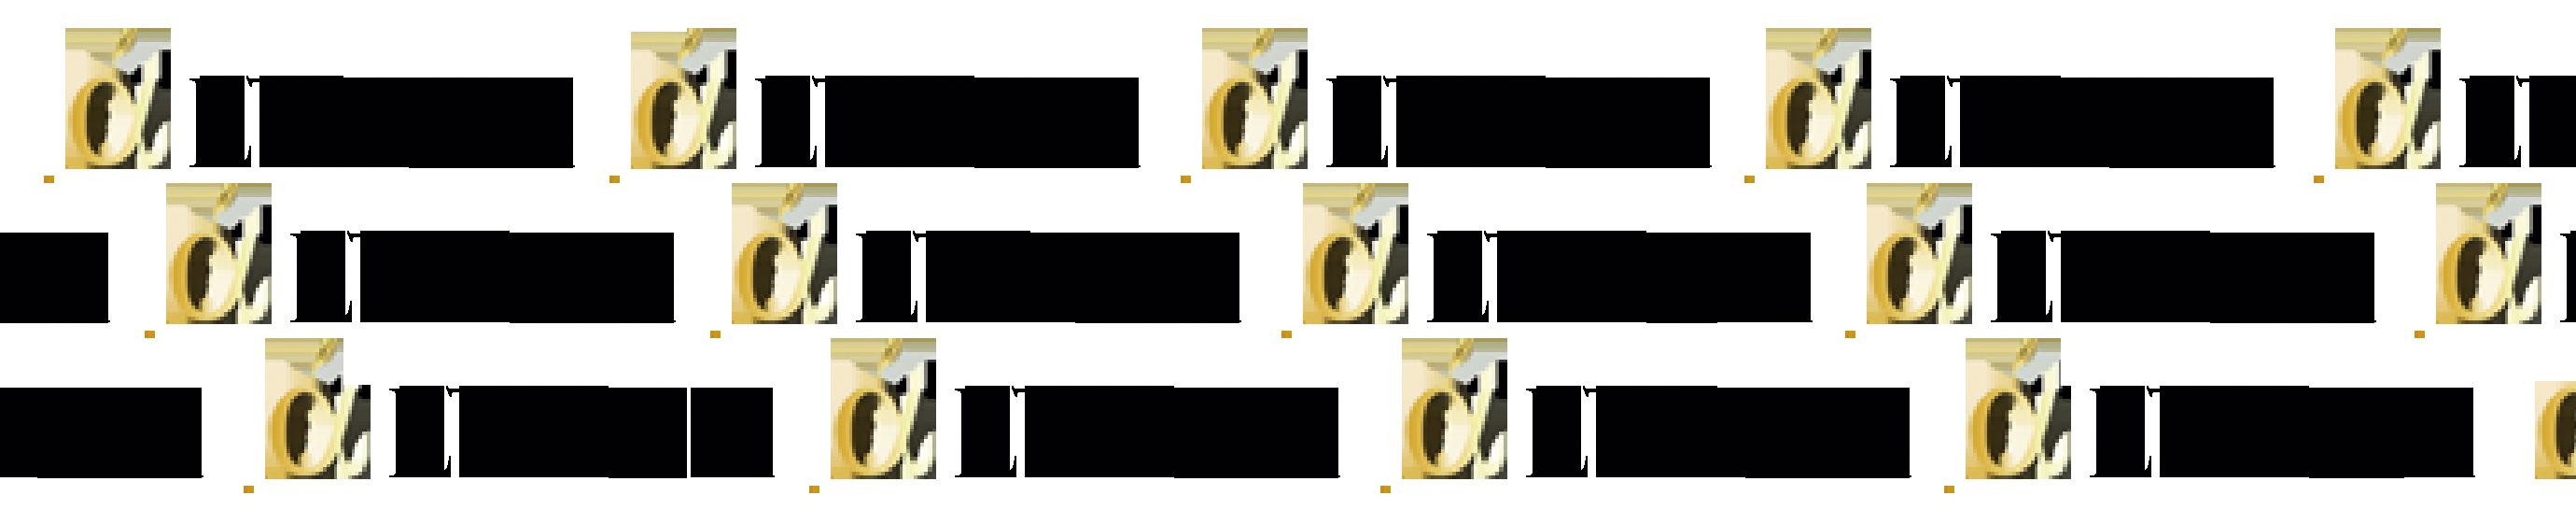 Editoriales españolas. Ediciones Áltera logo